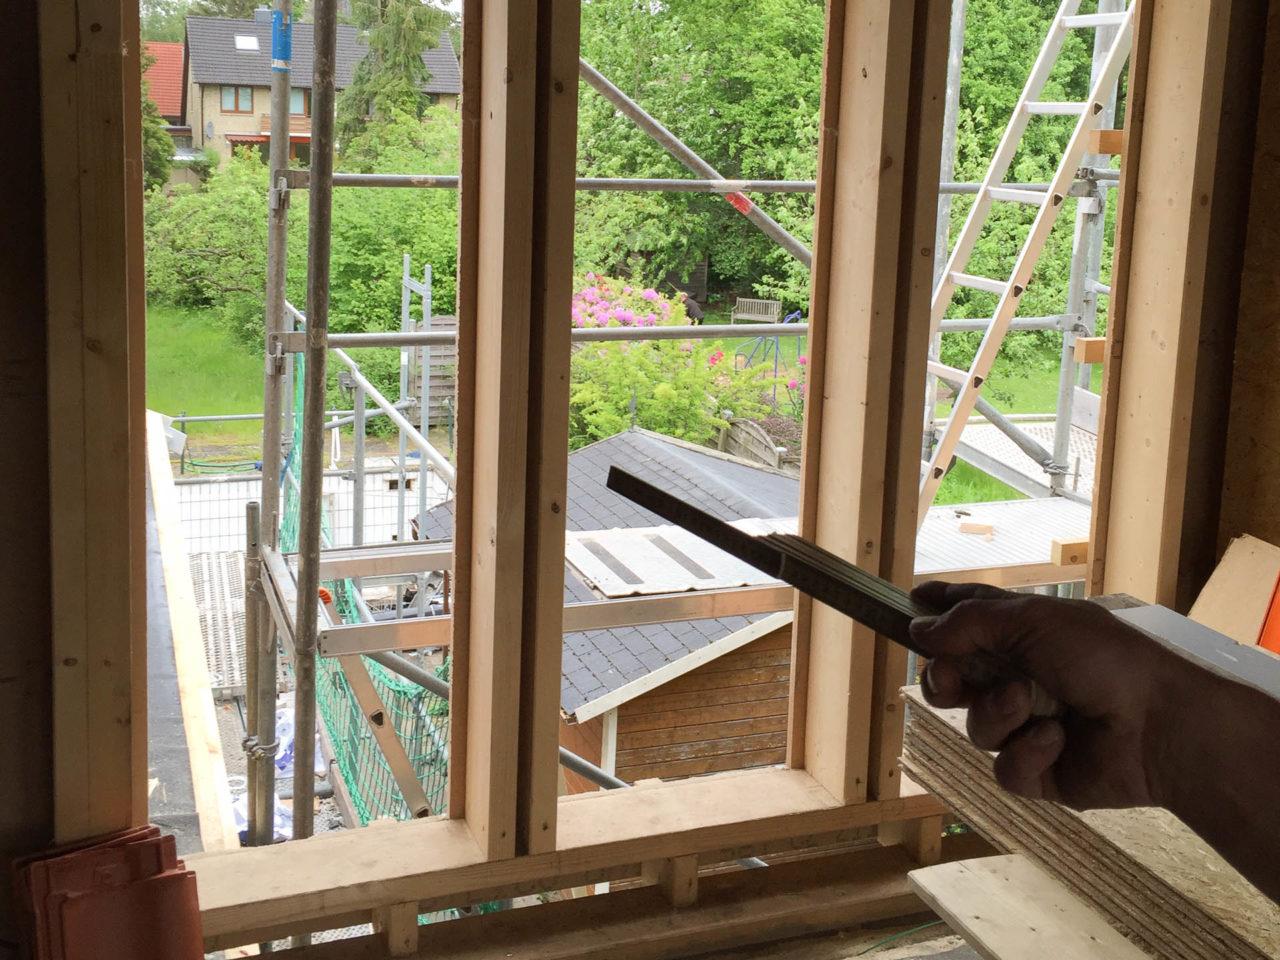 Foto von pablo baugestaltung zeigt die sicht aus den großen Fenstern des Anbaues mit Baugeruest